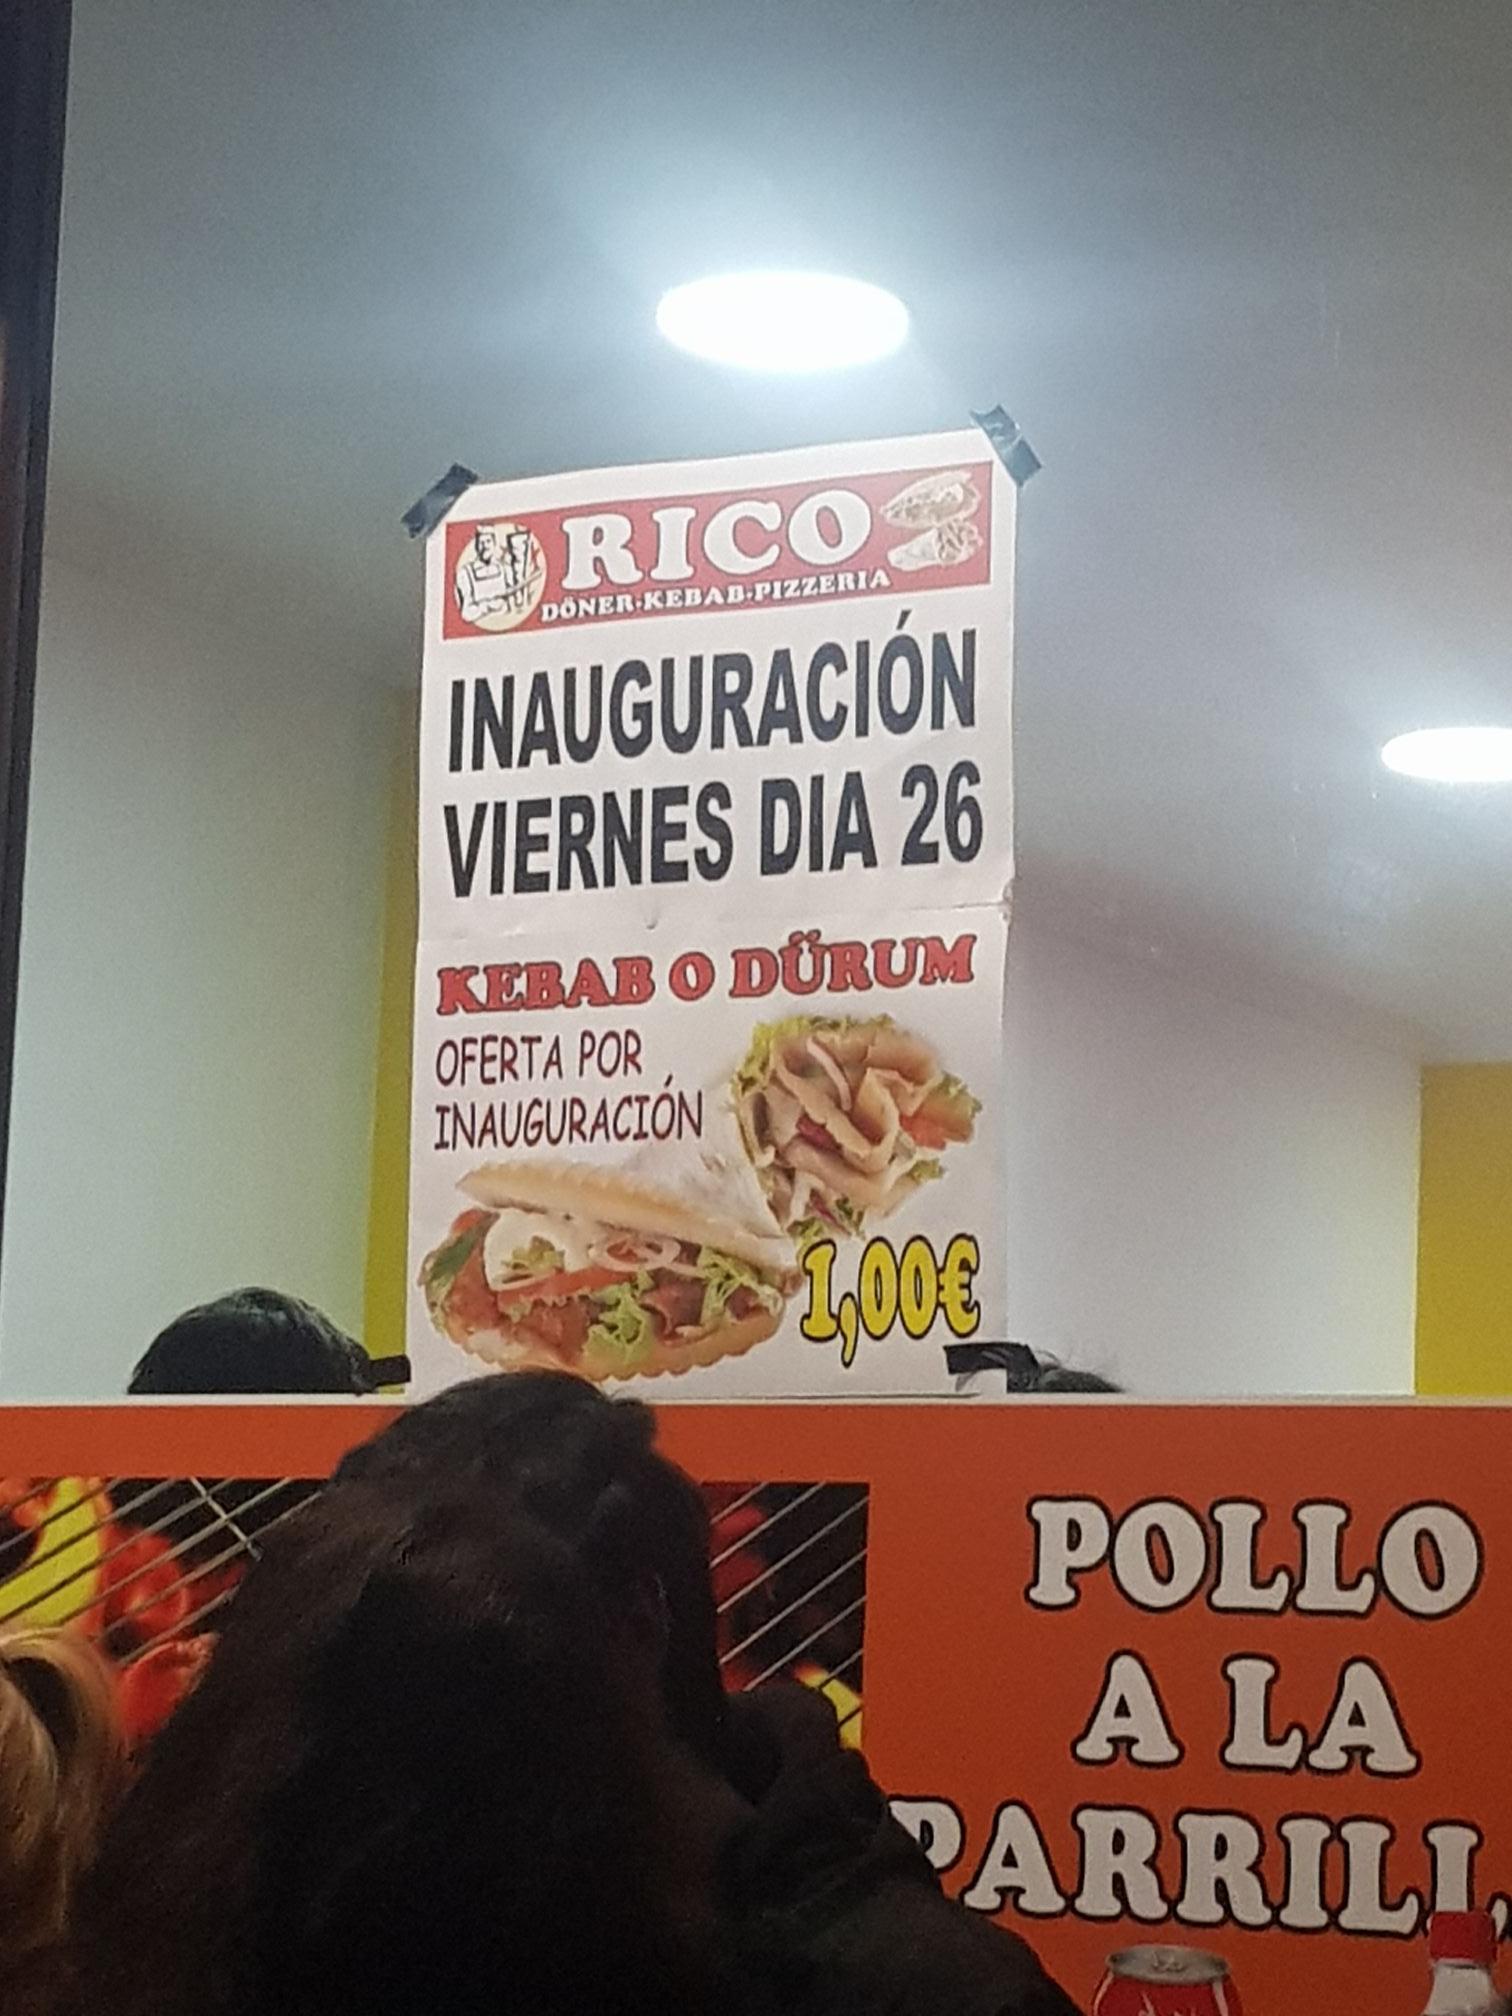 Kebab / Durum 1€ Valladolid